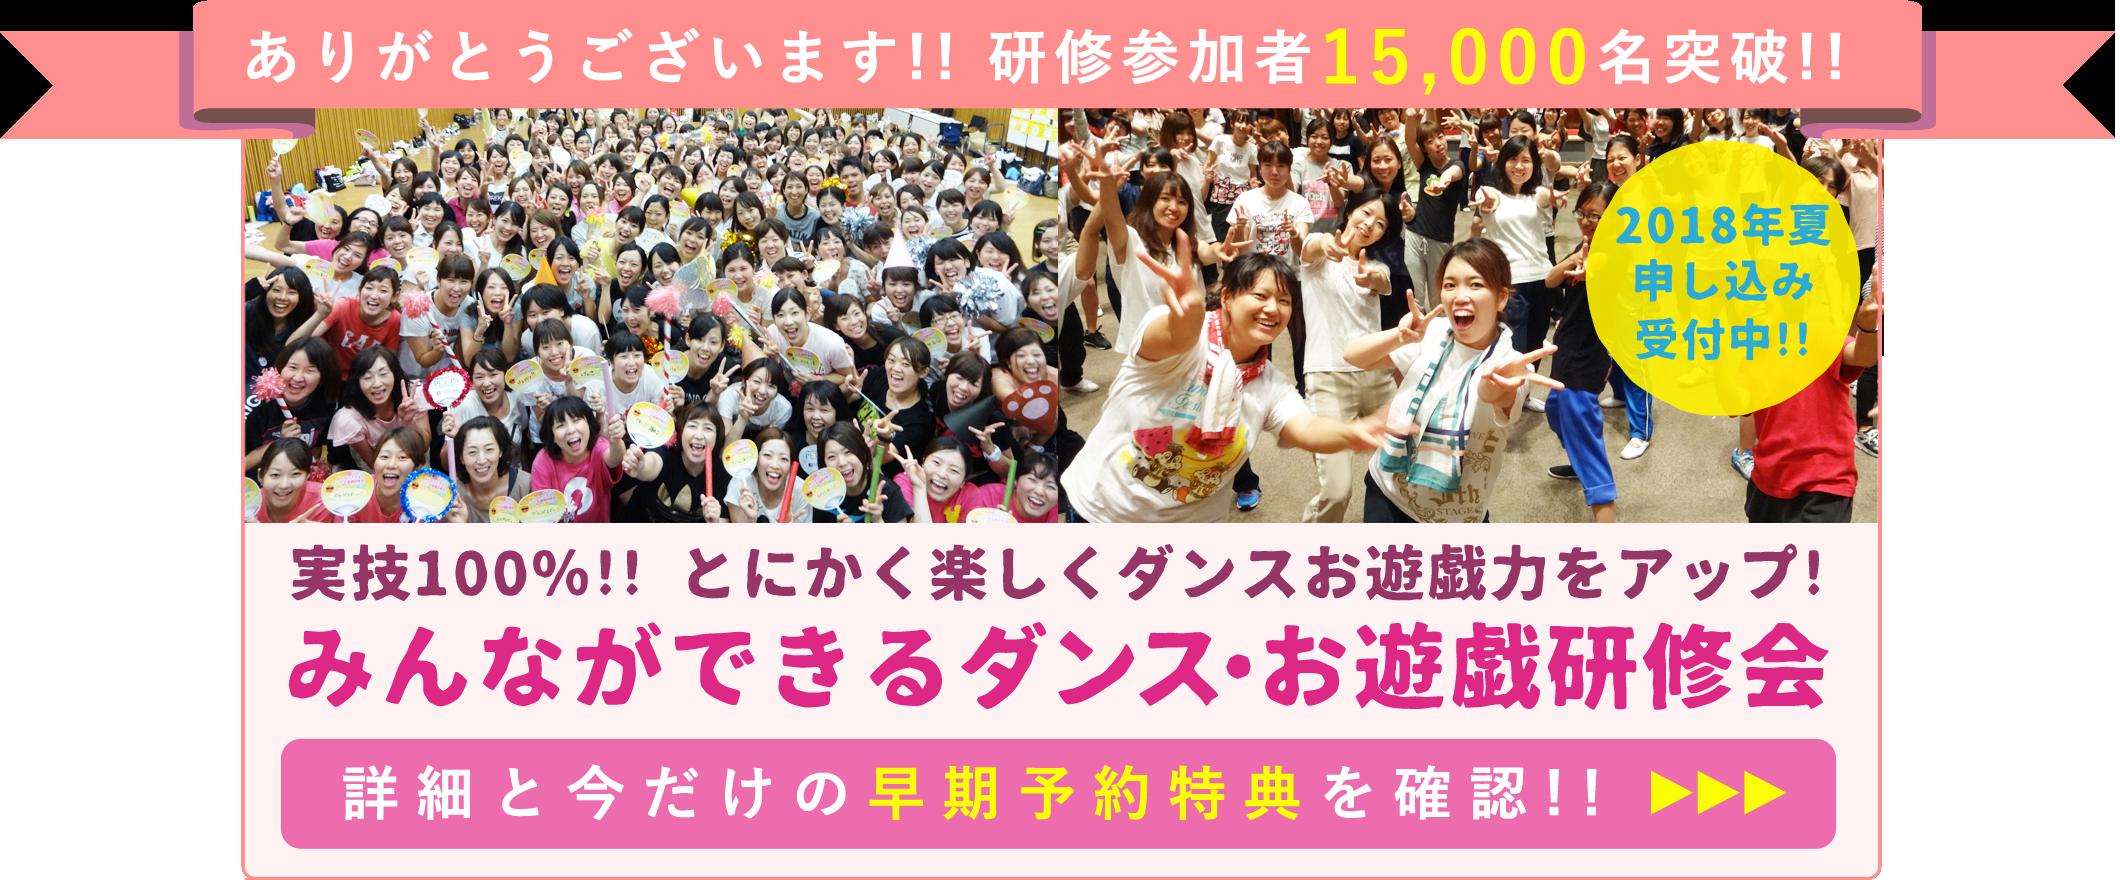 ありがとうございます!! 研修参加者15,000名突破!! みんなができるダンス・お遊戯研修会